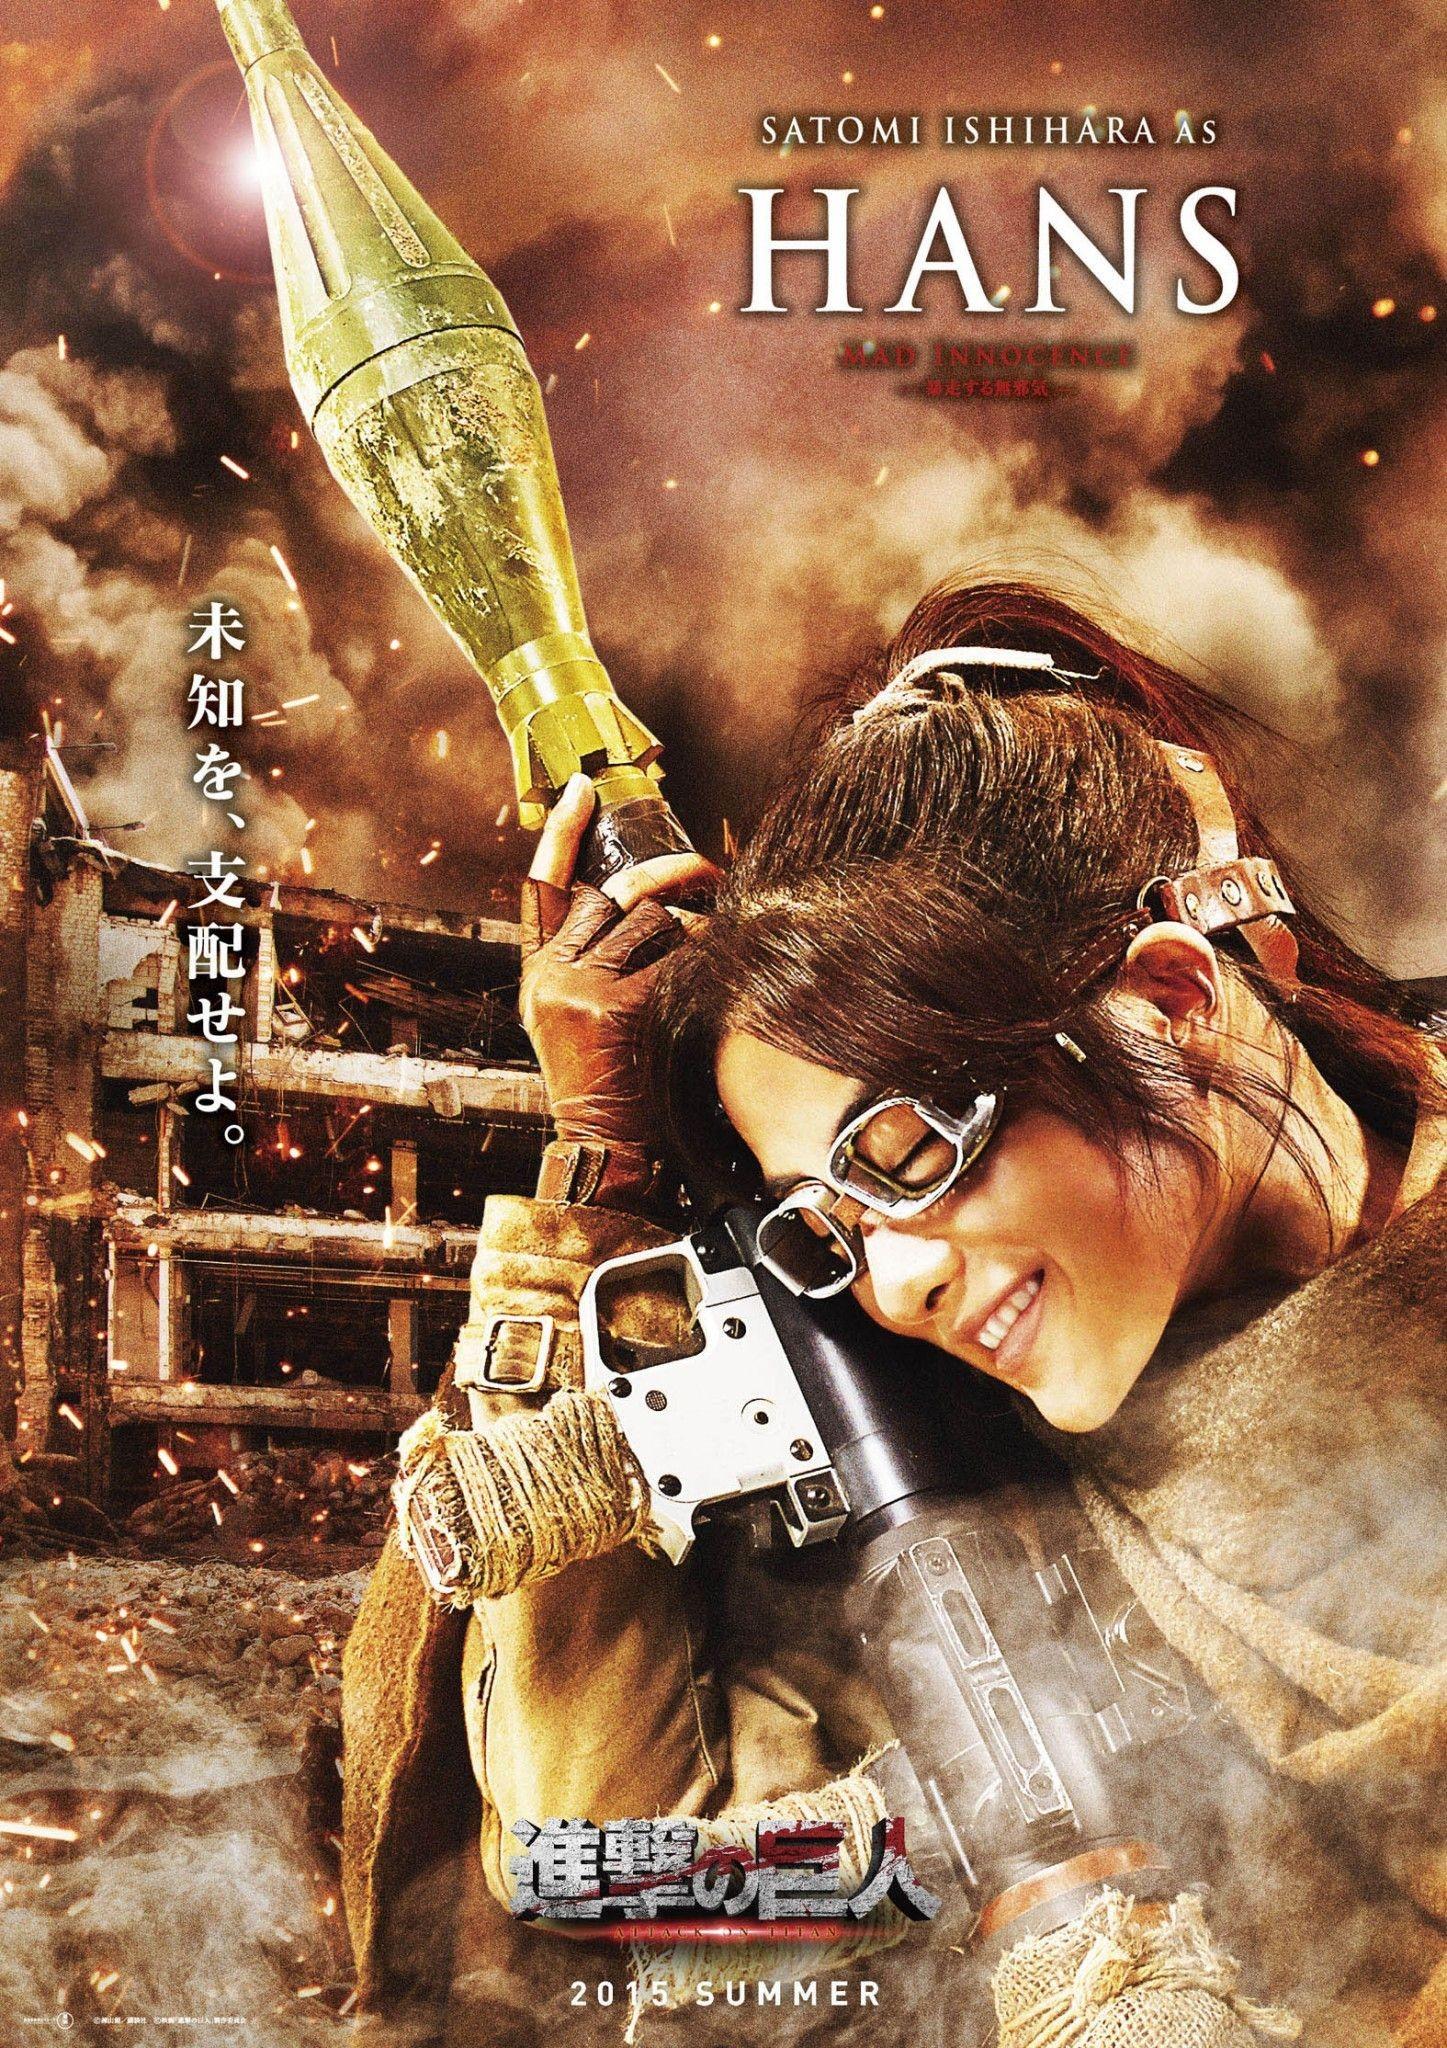 плакат фильма характер-постер Атака Титанов. Фильм первый. Жестокий мир